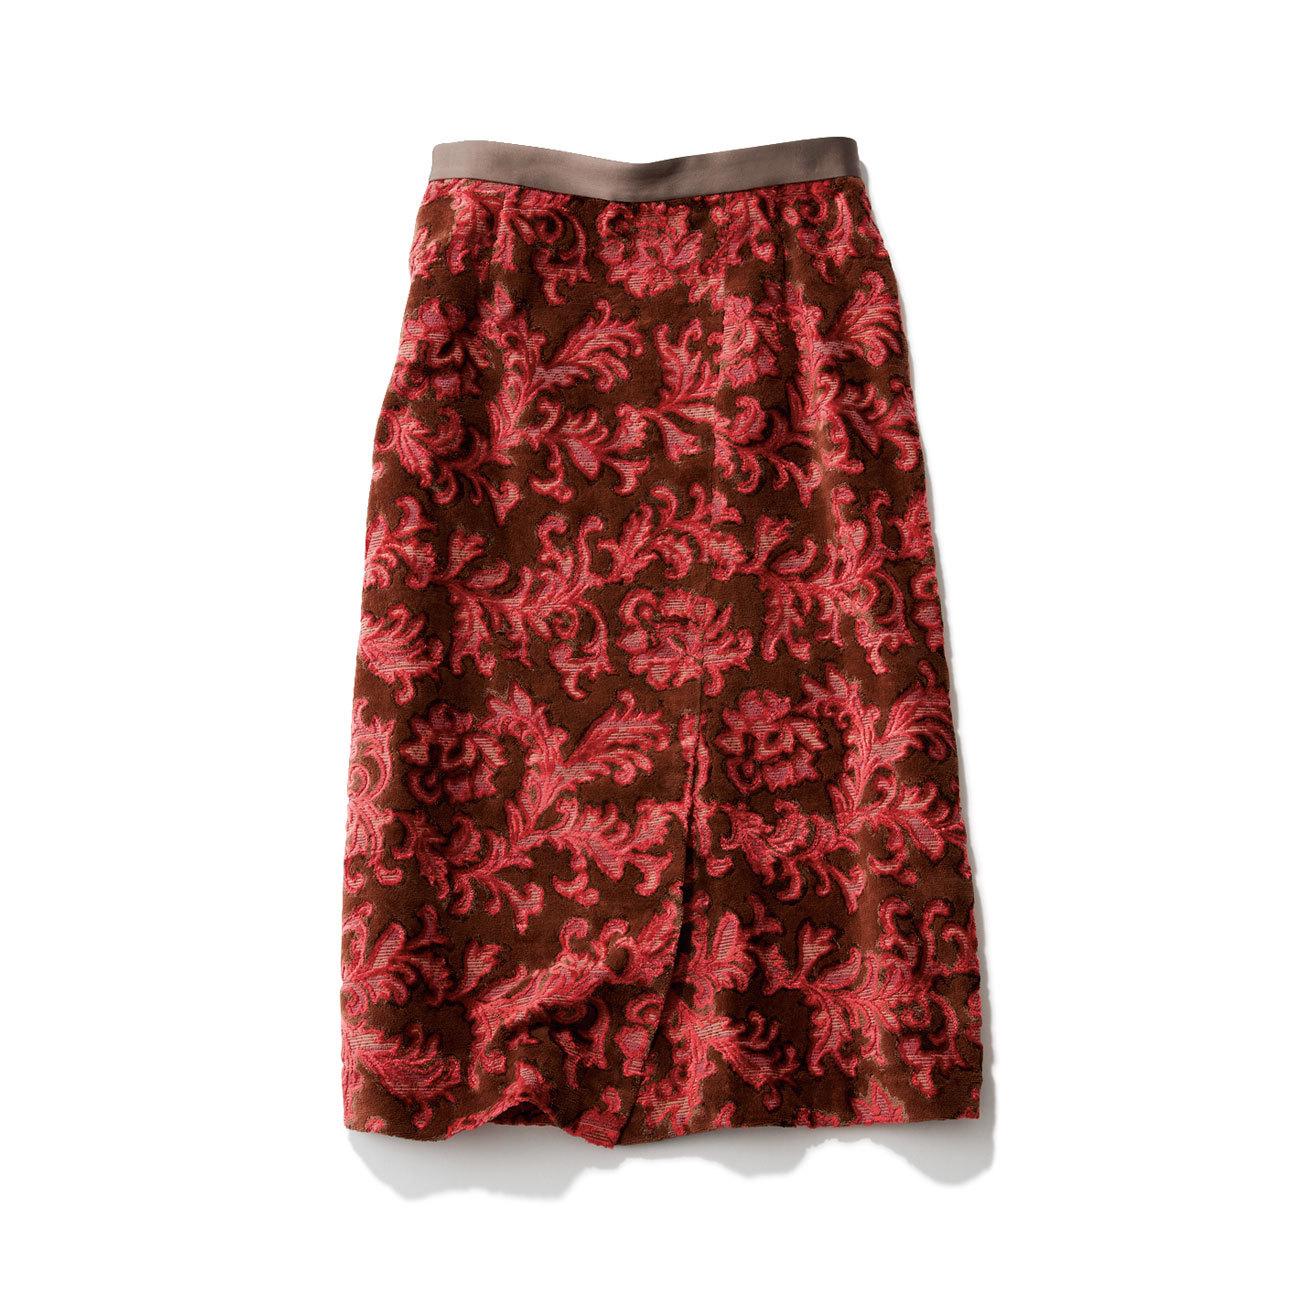 アッシュ・スタンダードのブラウン×ピンクタイトスカート